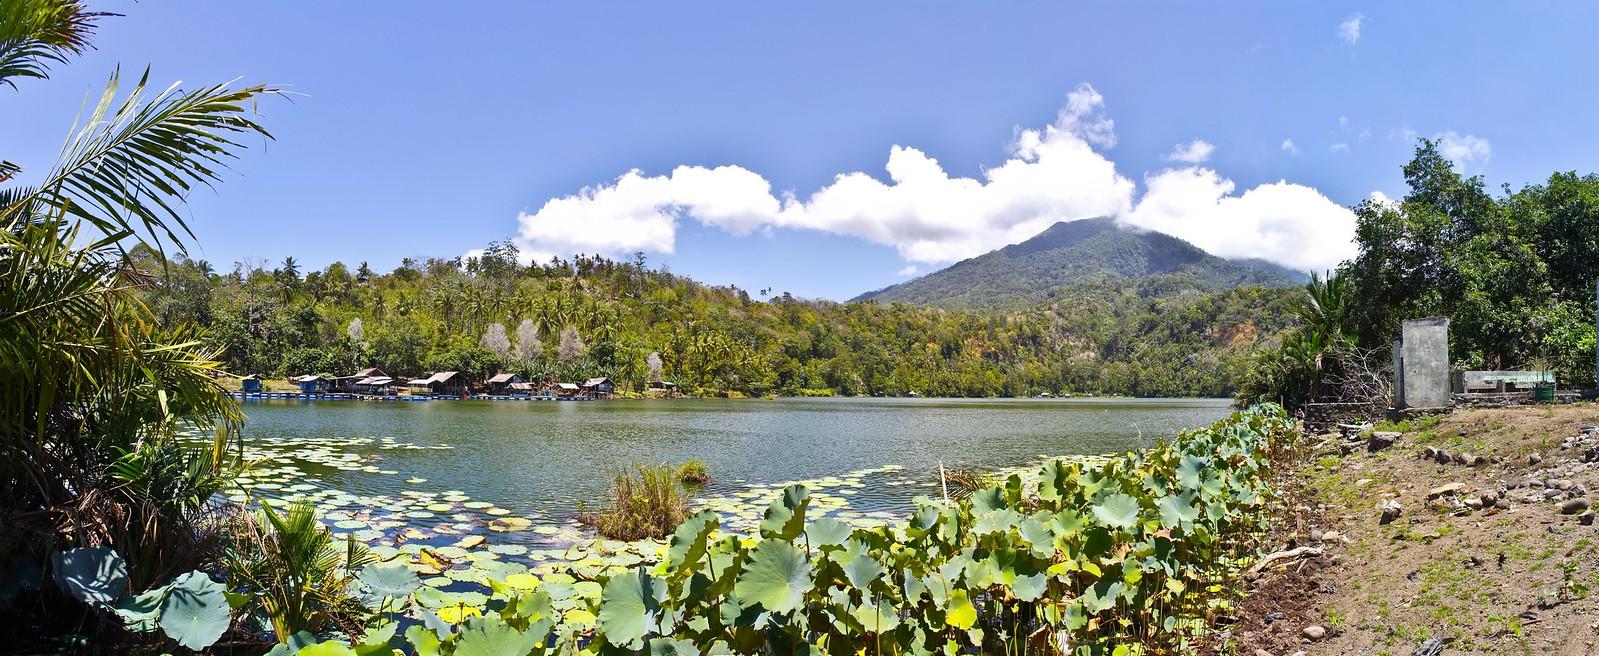 Panoramica laguna en Ternate